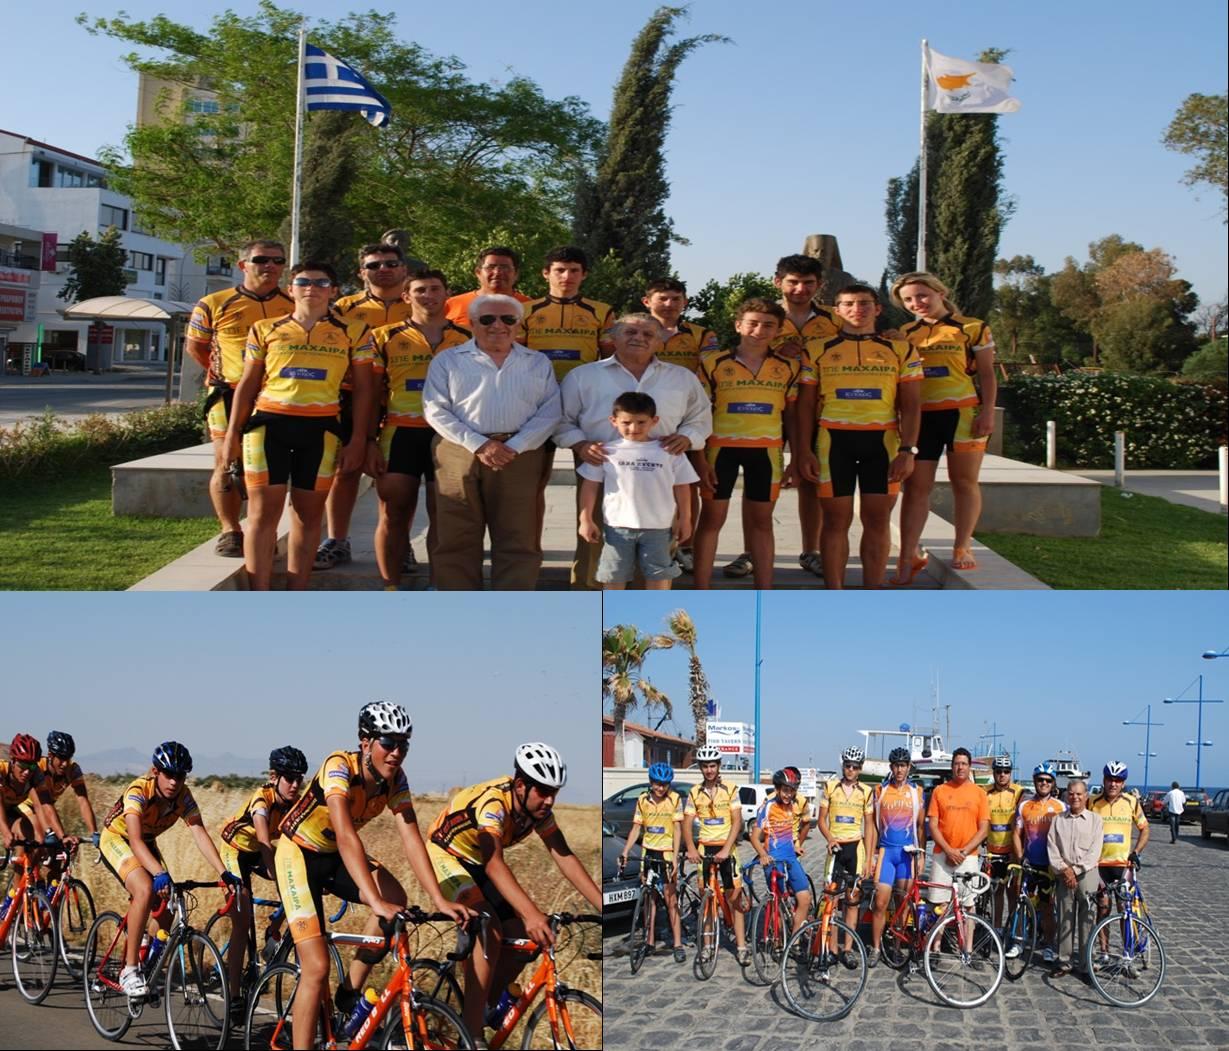 Ο Ποδηλατικός Όμιλος Ταμασού στην Παλώδια